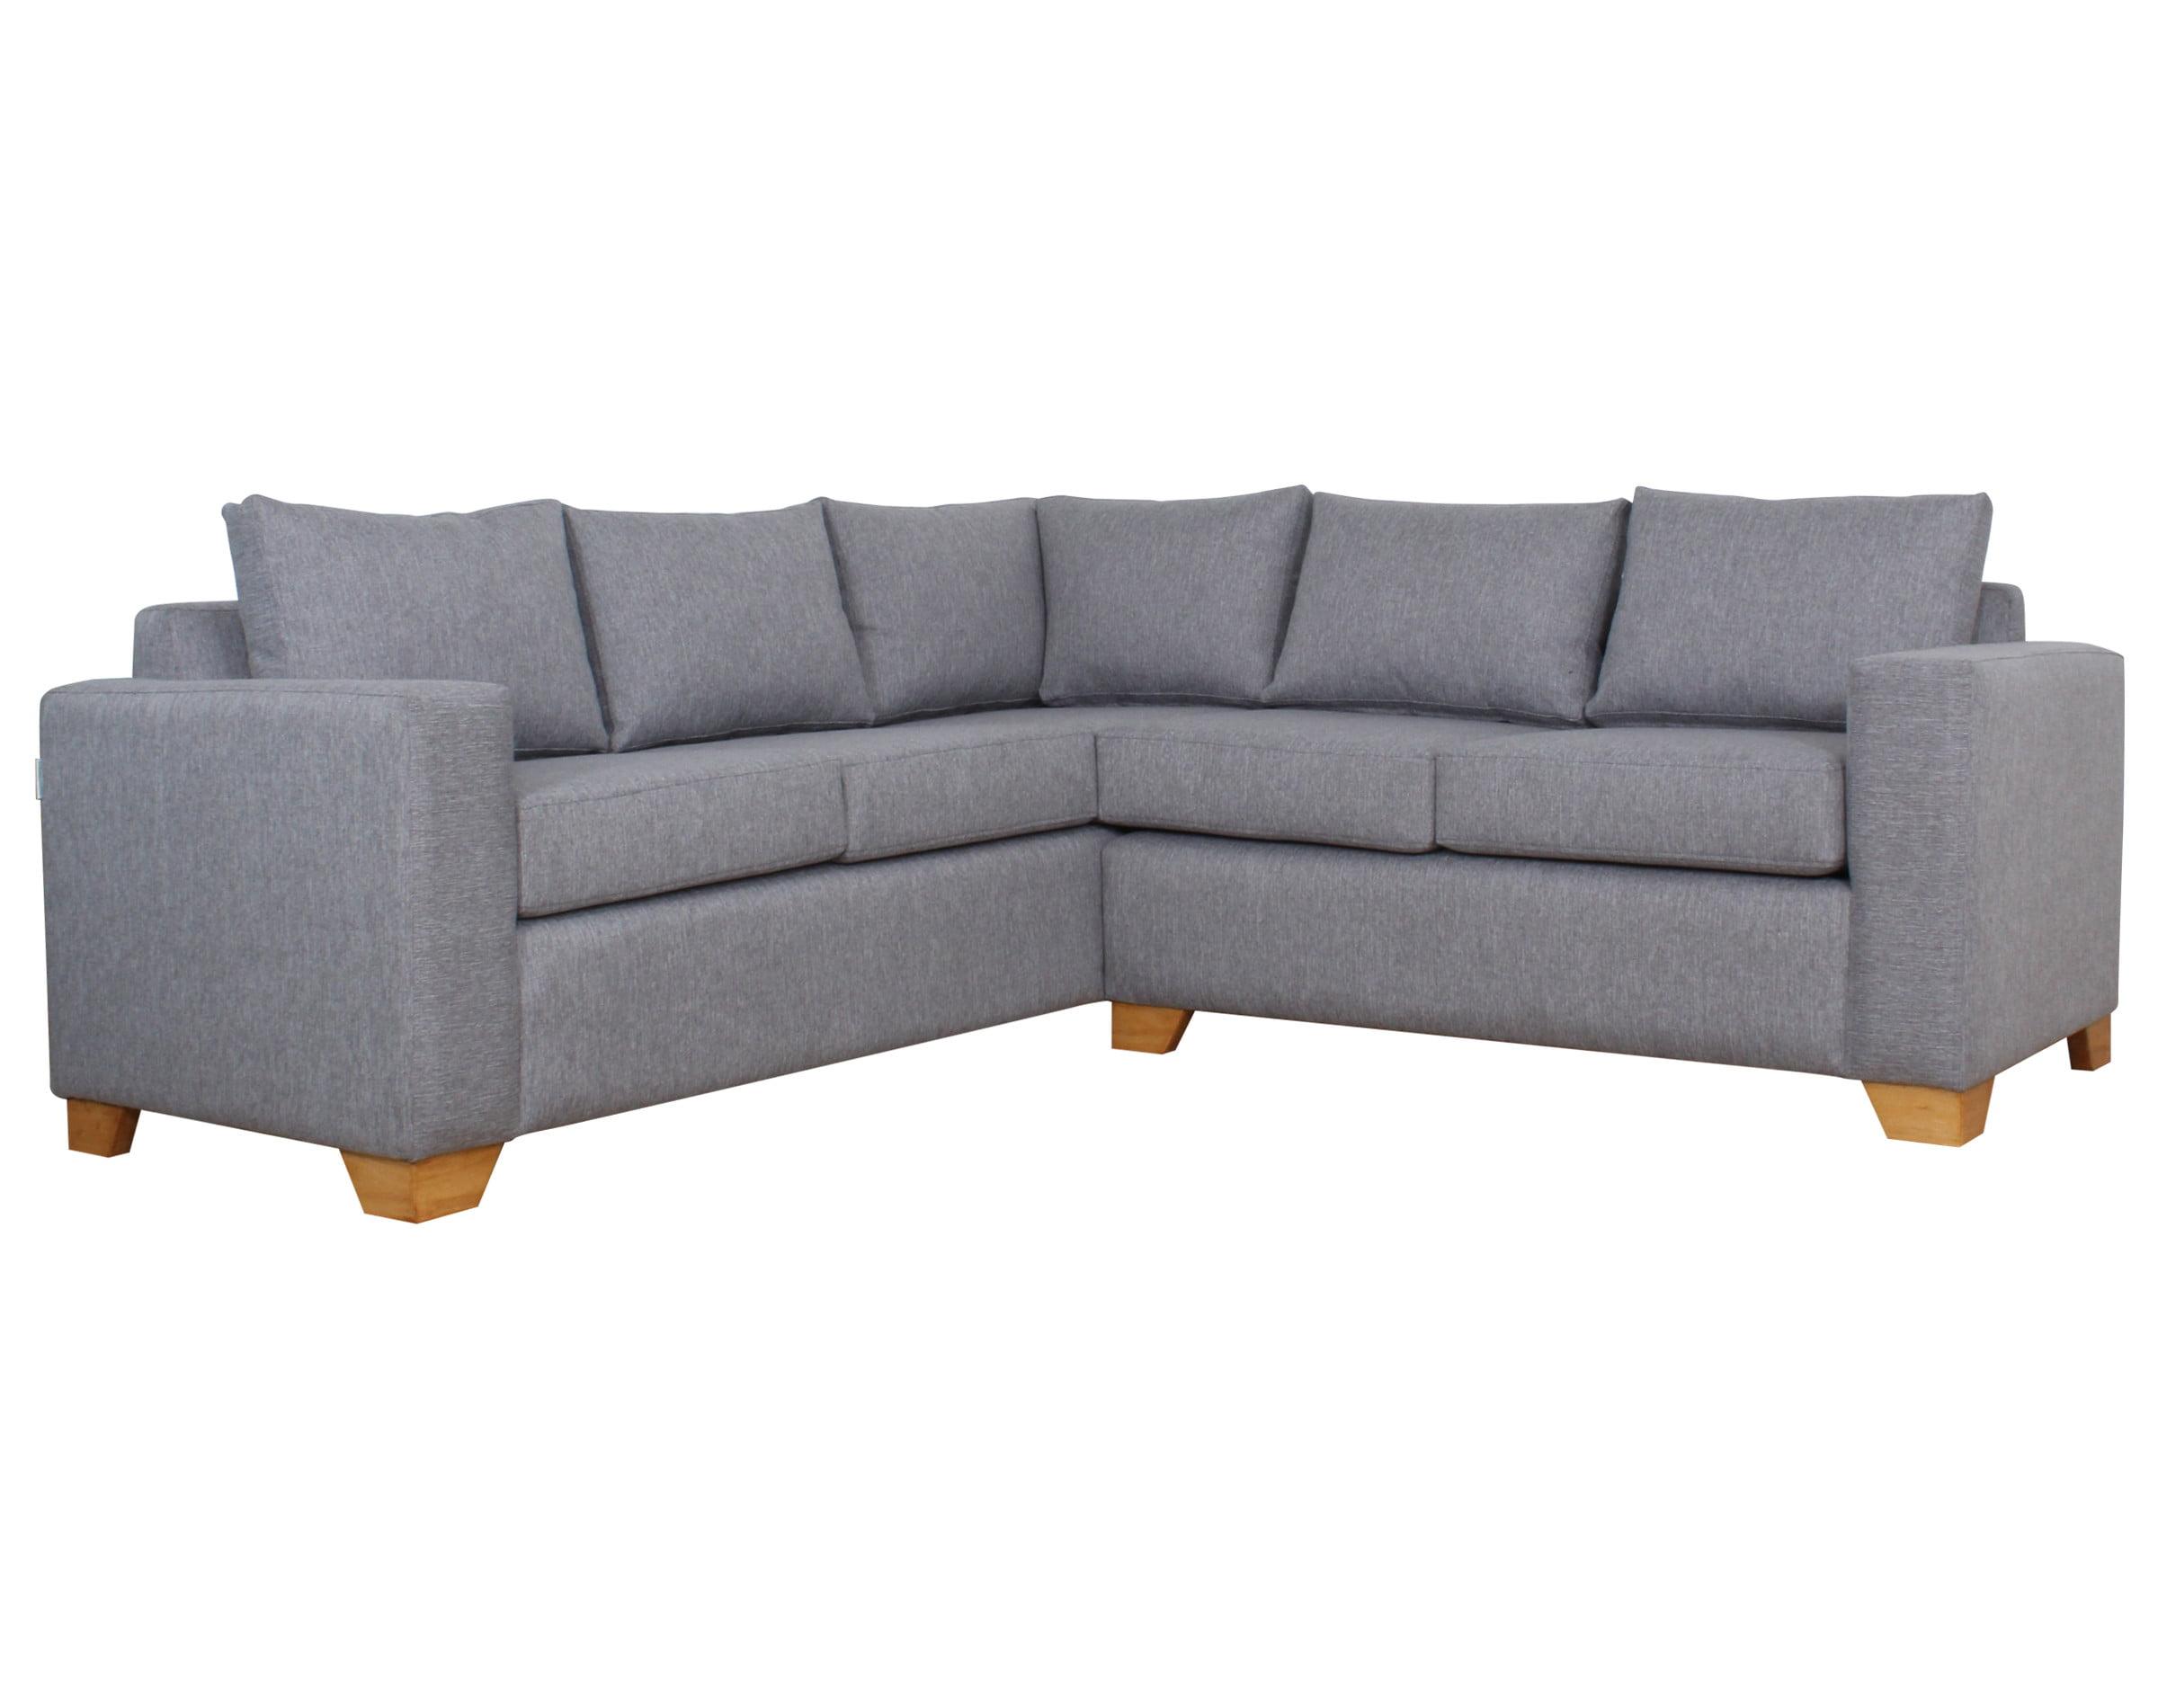 Sofa Modular Gris2